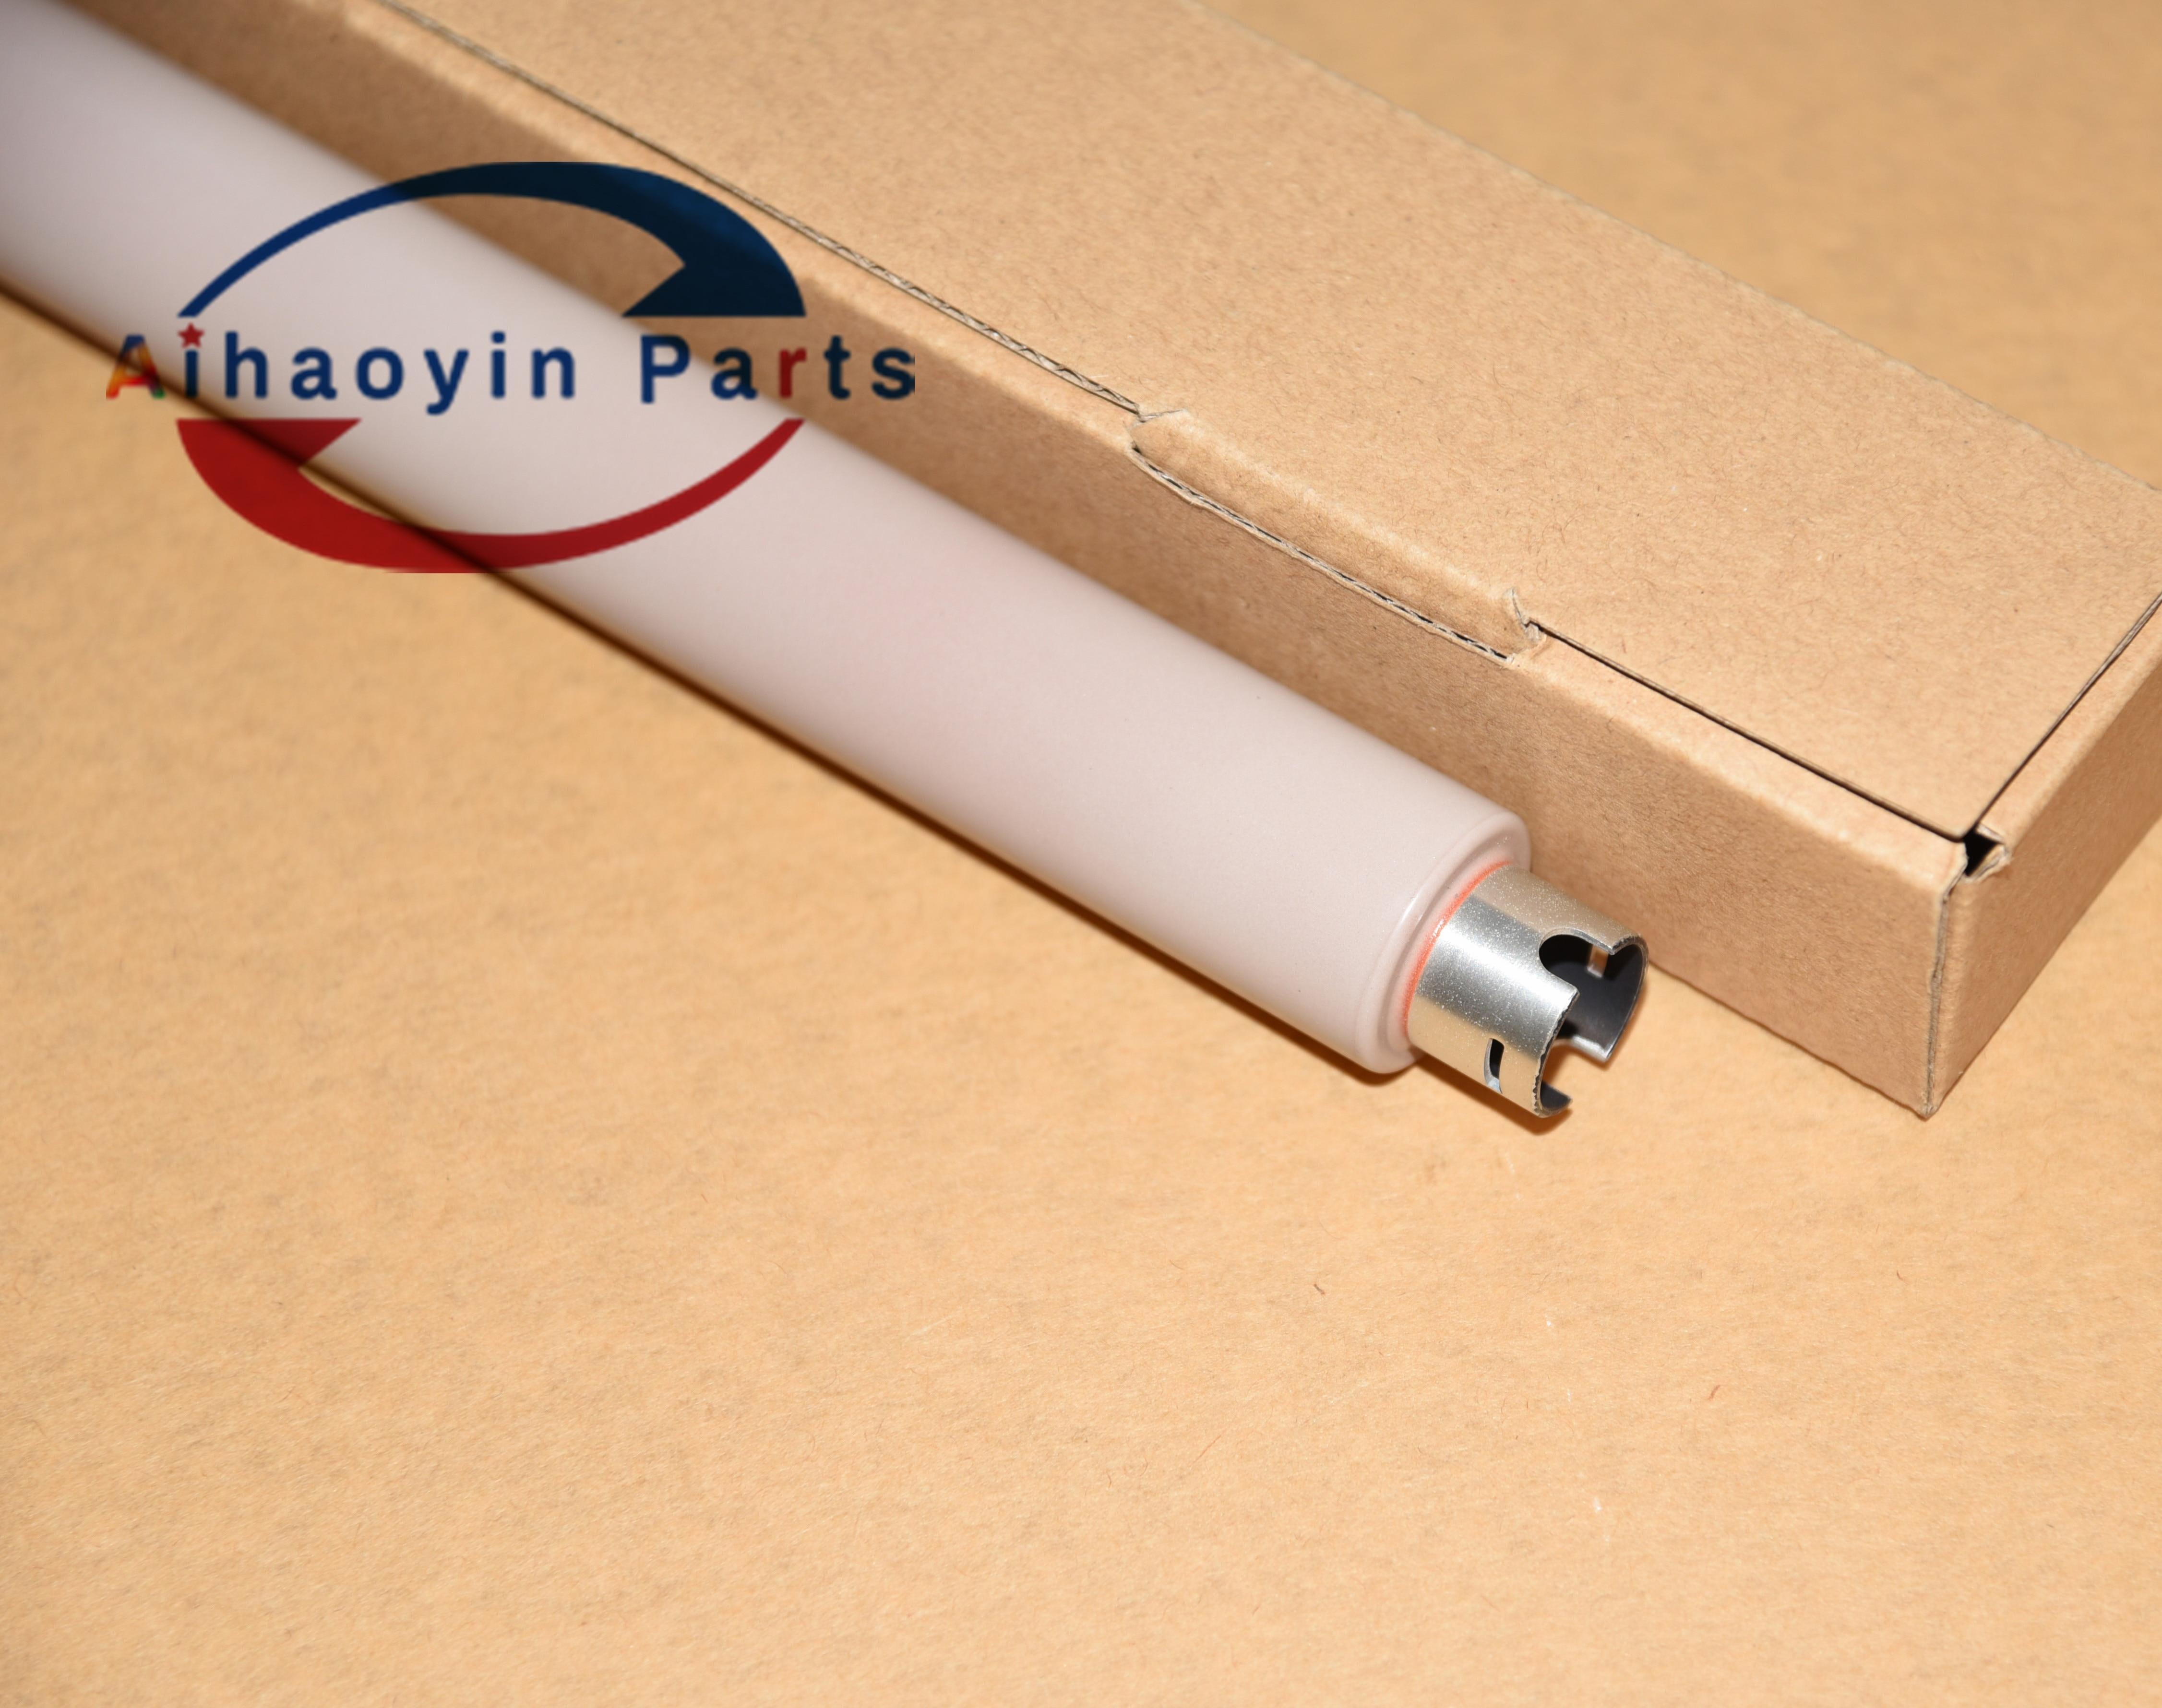 1X JC66-02846A For Samsung SCX4833 SCX4835 SCX5637 SCX5639 SCX5737 SCX5739 ML3310 ML3312 ML3710 ML3712 Upper Fuser Heat Roller